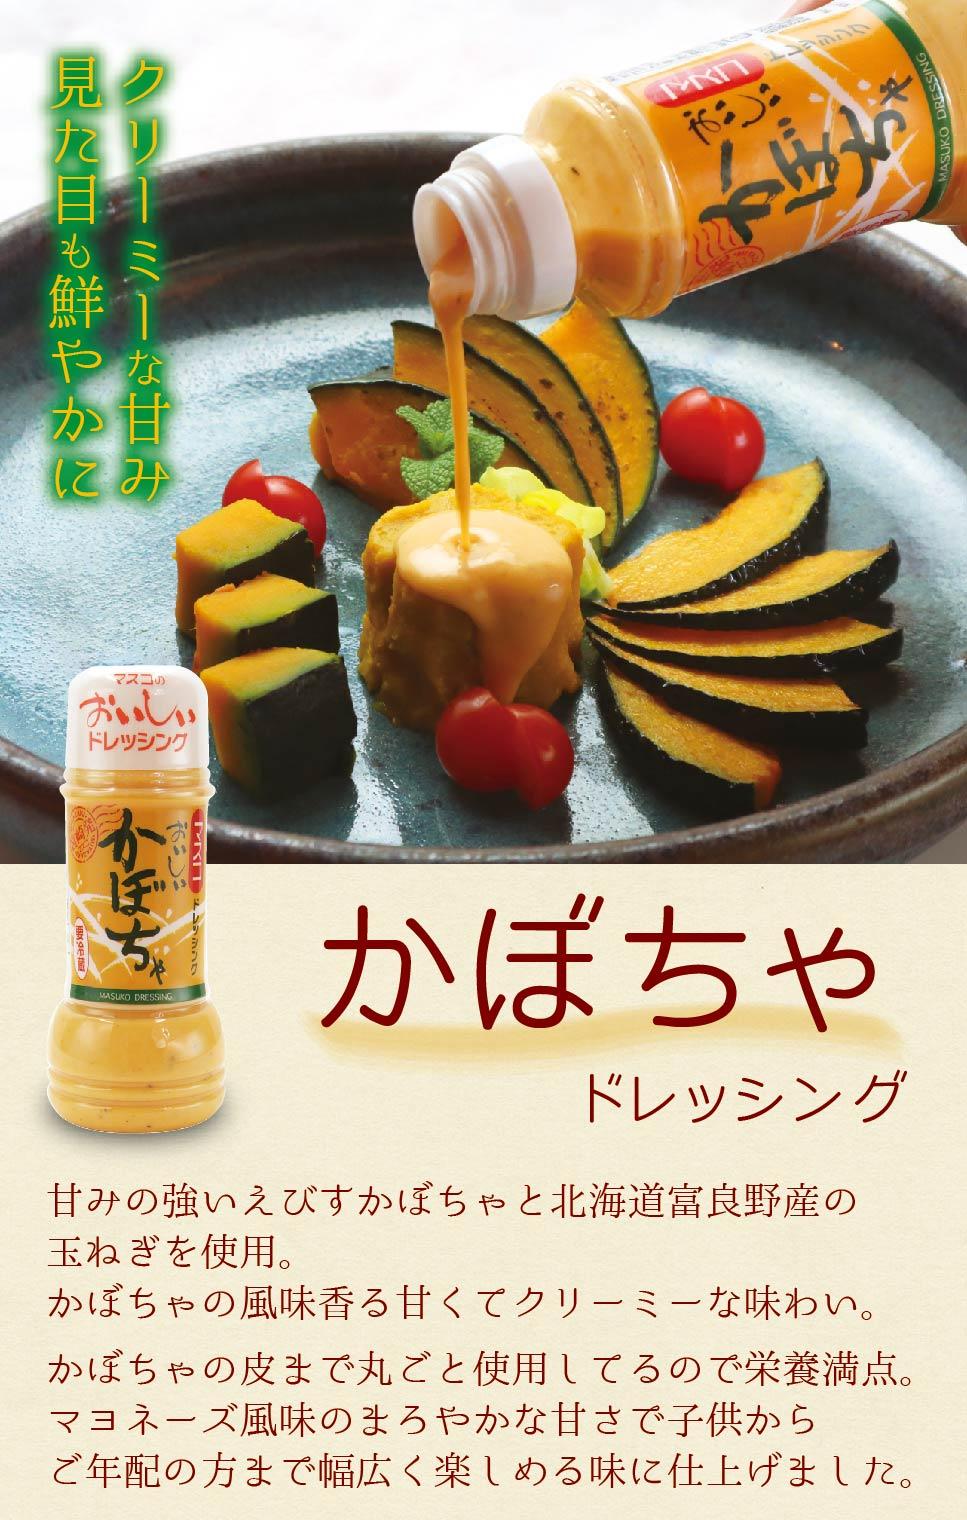 クリーミーな甘み 見た目も鮮やかに かぼちゃドレッシング 甘みの強いえびすかぼちゃと北海道富良野産の玉ねぎを使用。かぼちゃの風味香る甘くてクリーミーな味わい。かぼちゃの皮まで丸ごと使用しているので栄養満点。マヨネーズ風味のまろやかな甘さで子供からご年配の方まで幅広く楽しめる味に仕上げました。